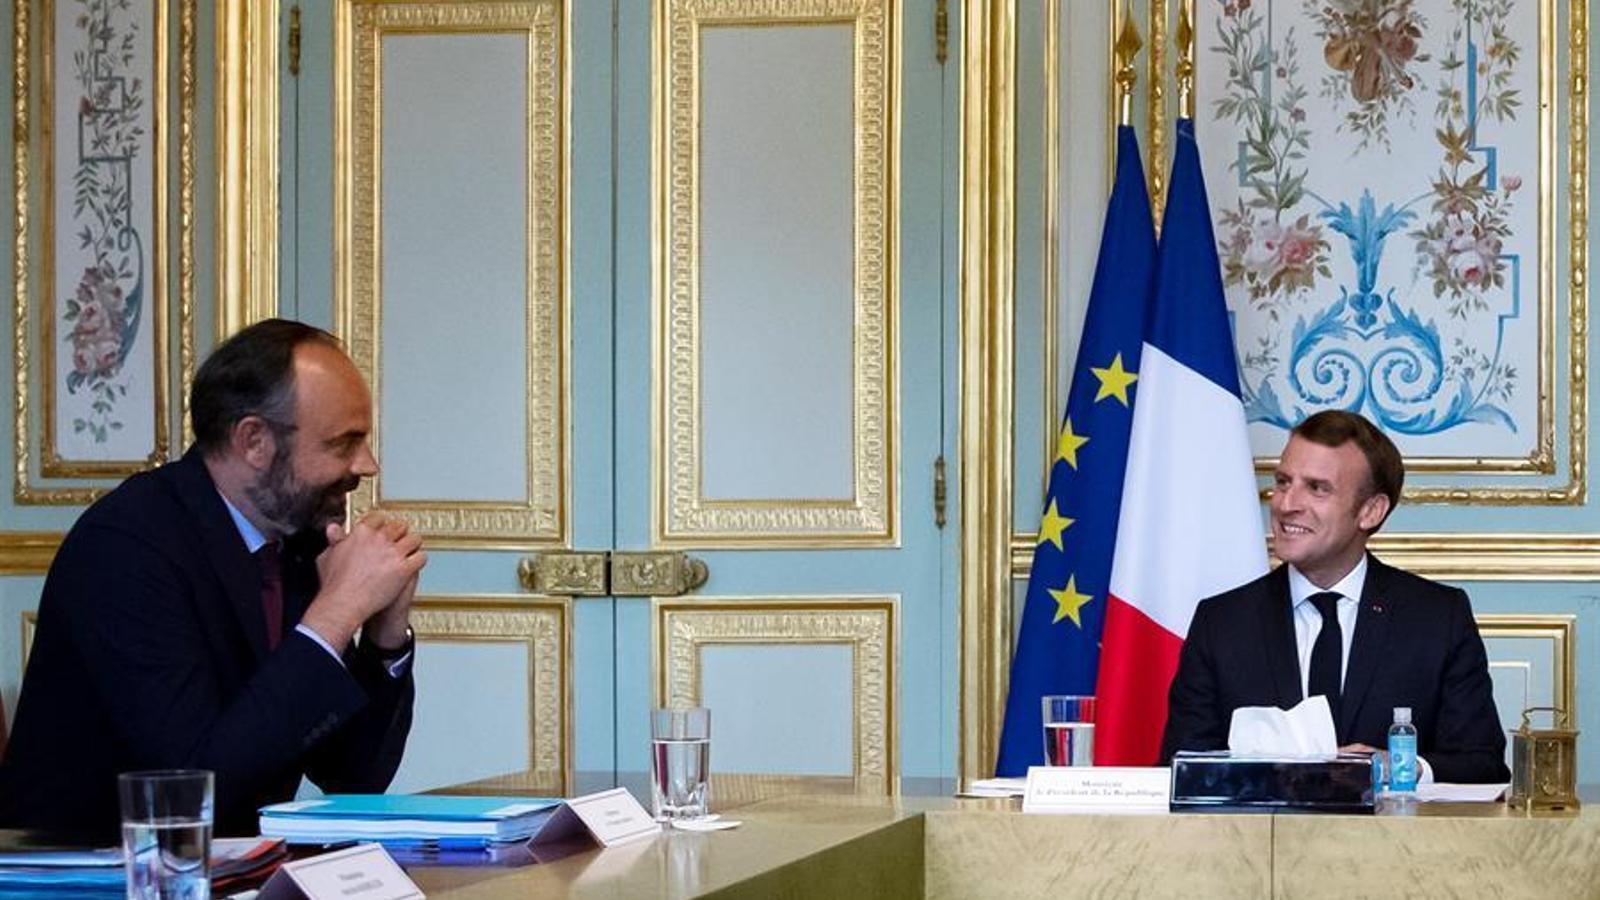 Philippe i Macron conversant en una de les reunions sobre la crisi del coronavirus, a l'Elisi